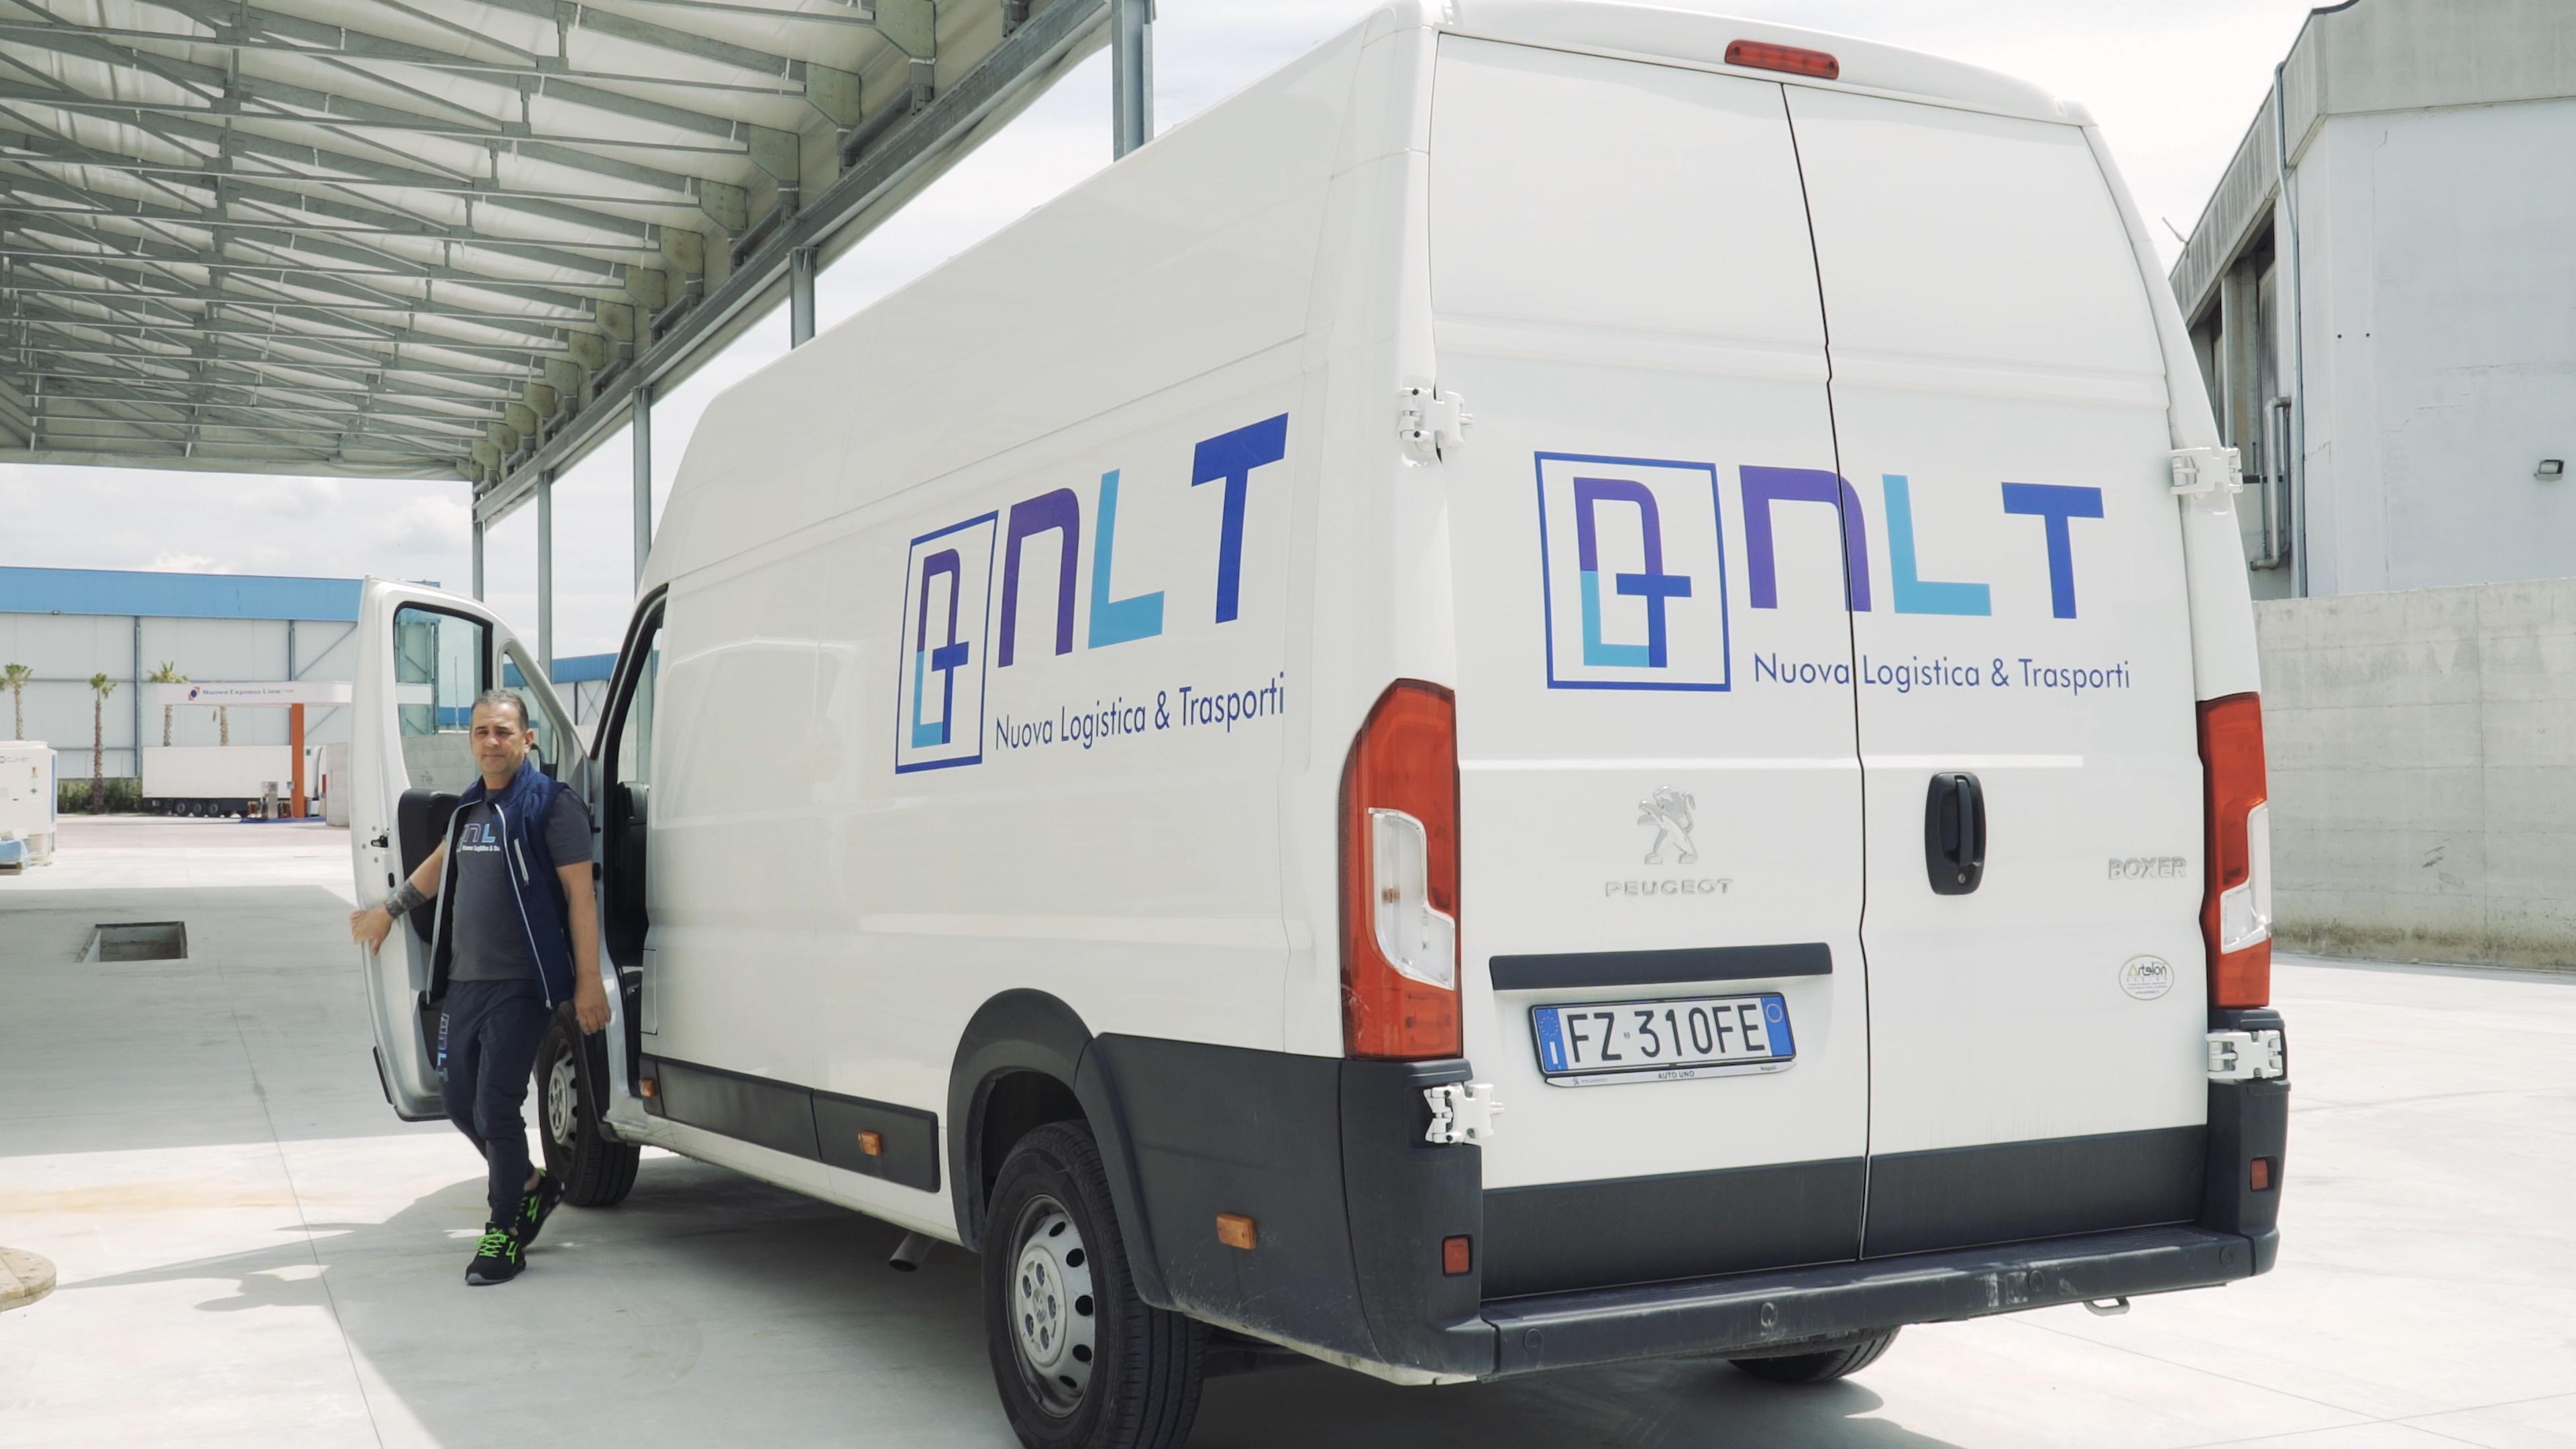 Nuova Logistica & Trasporti 6